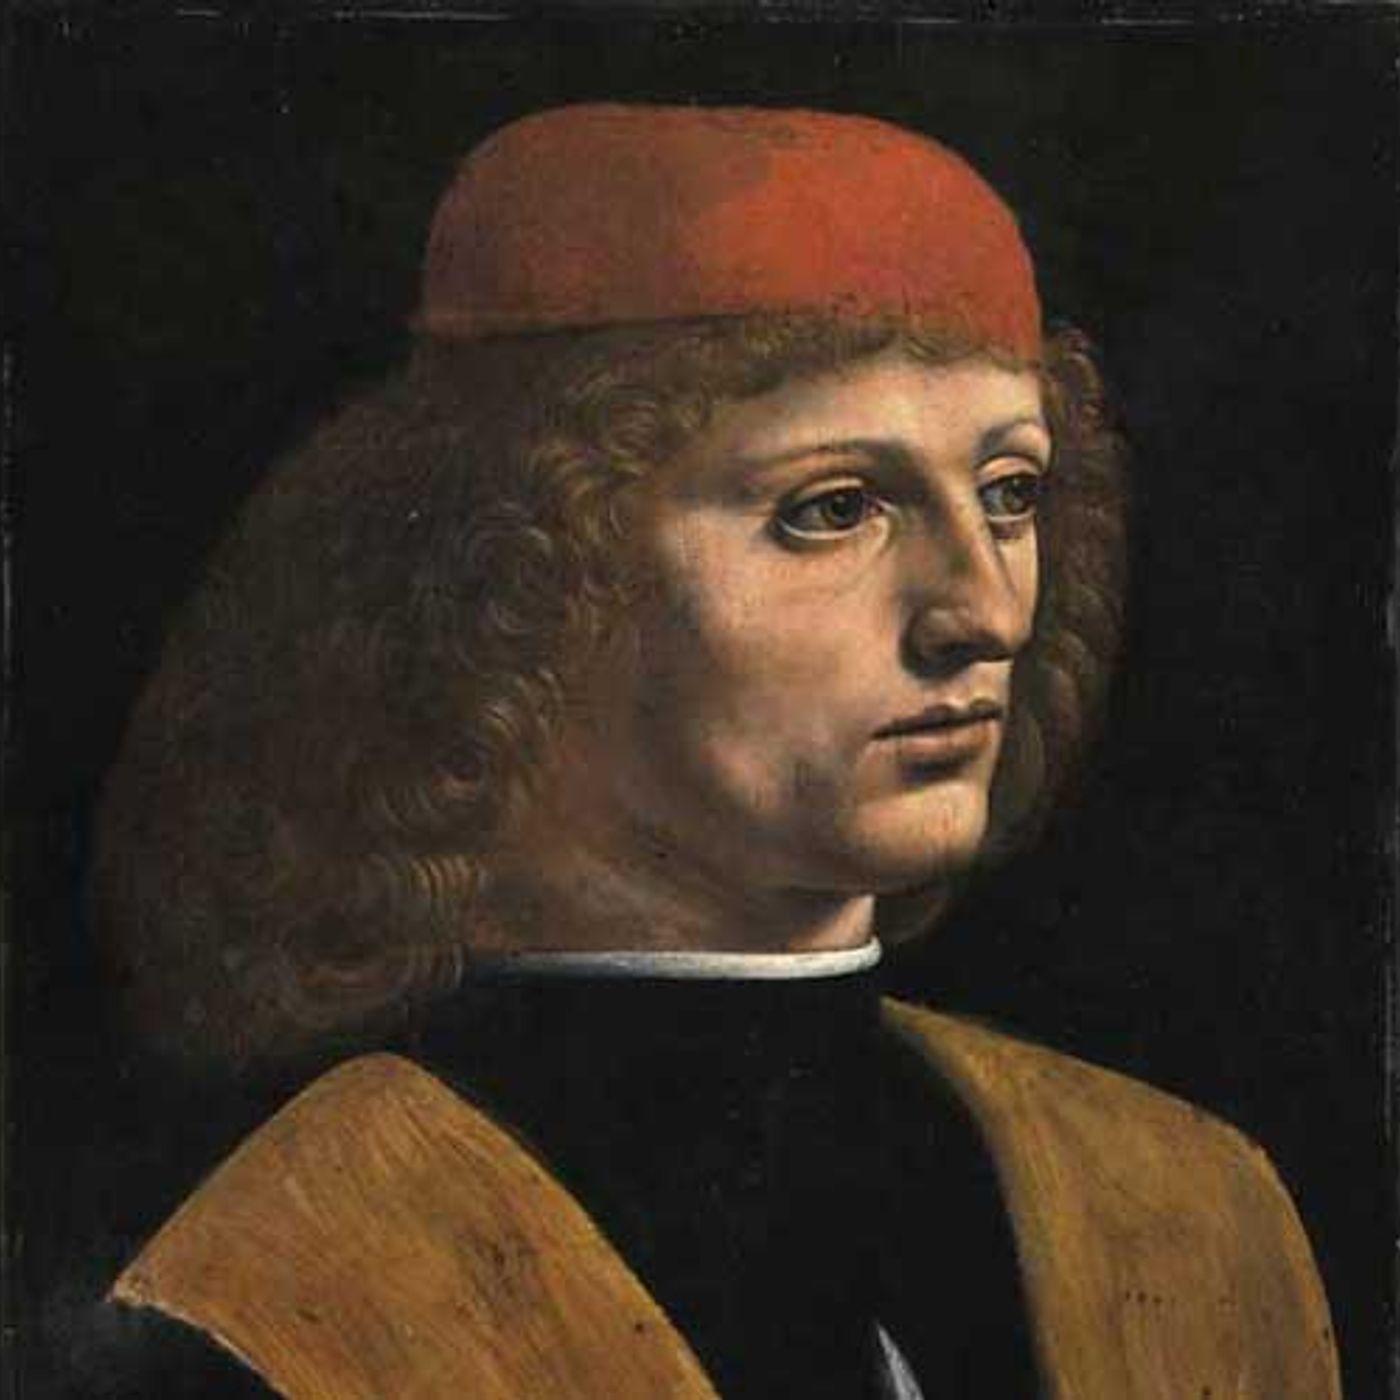 157 - Josquin Desprez, 500 anni dopo